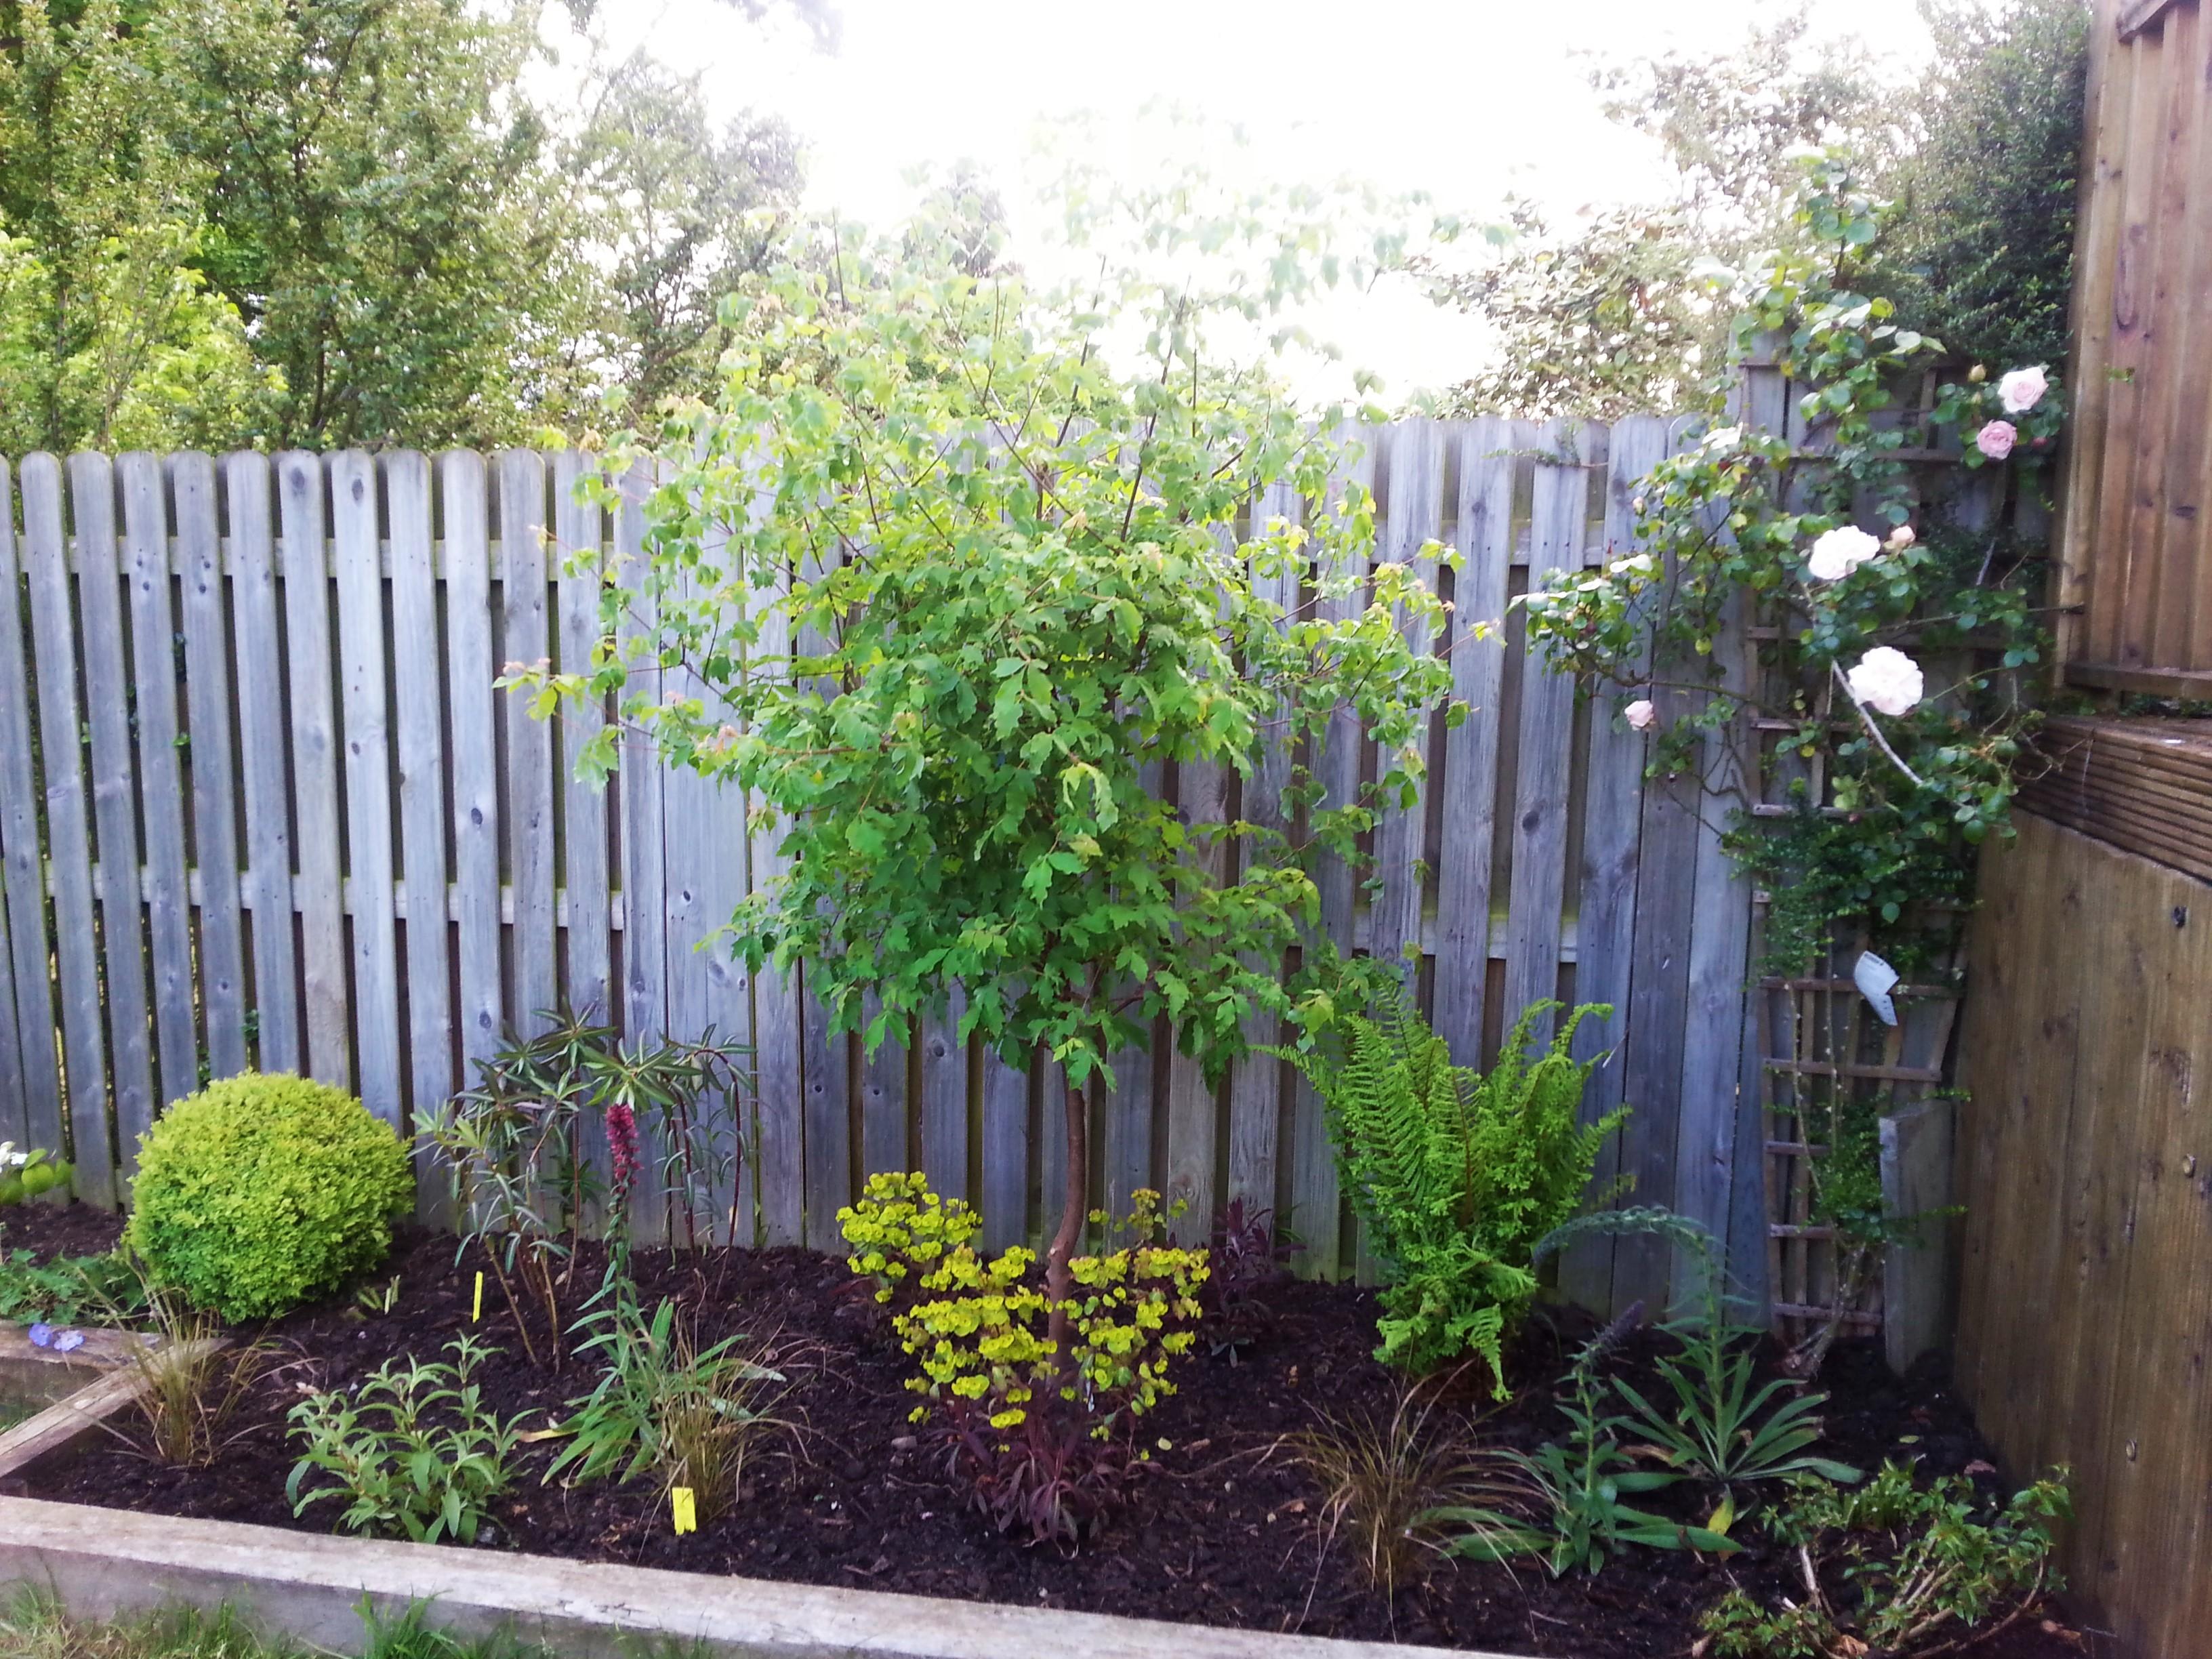 Urban garden borders, Mount Merrion